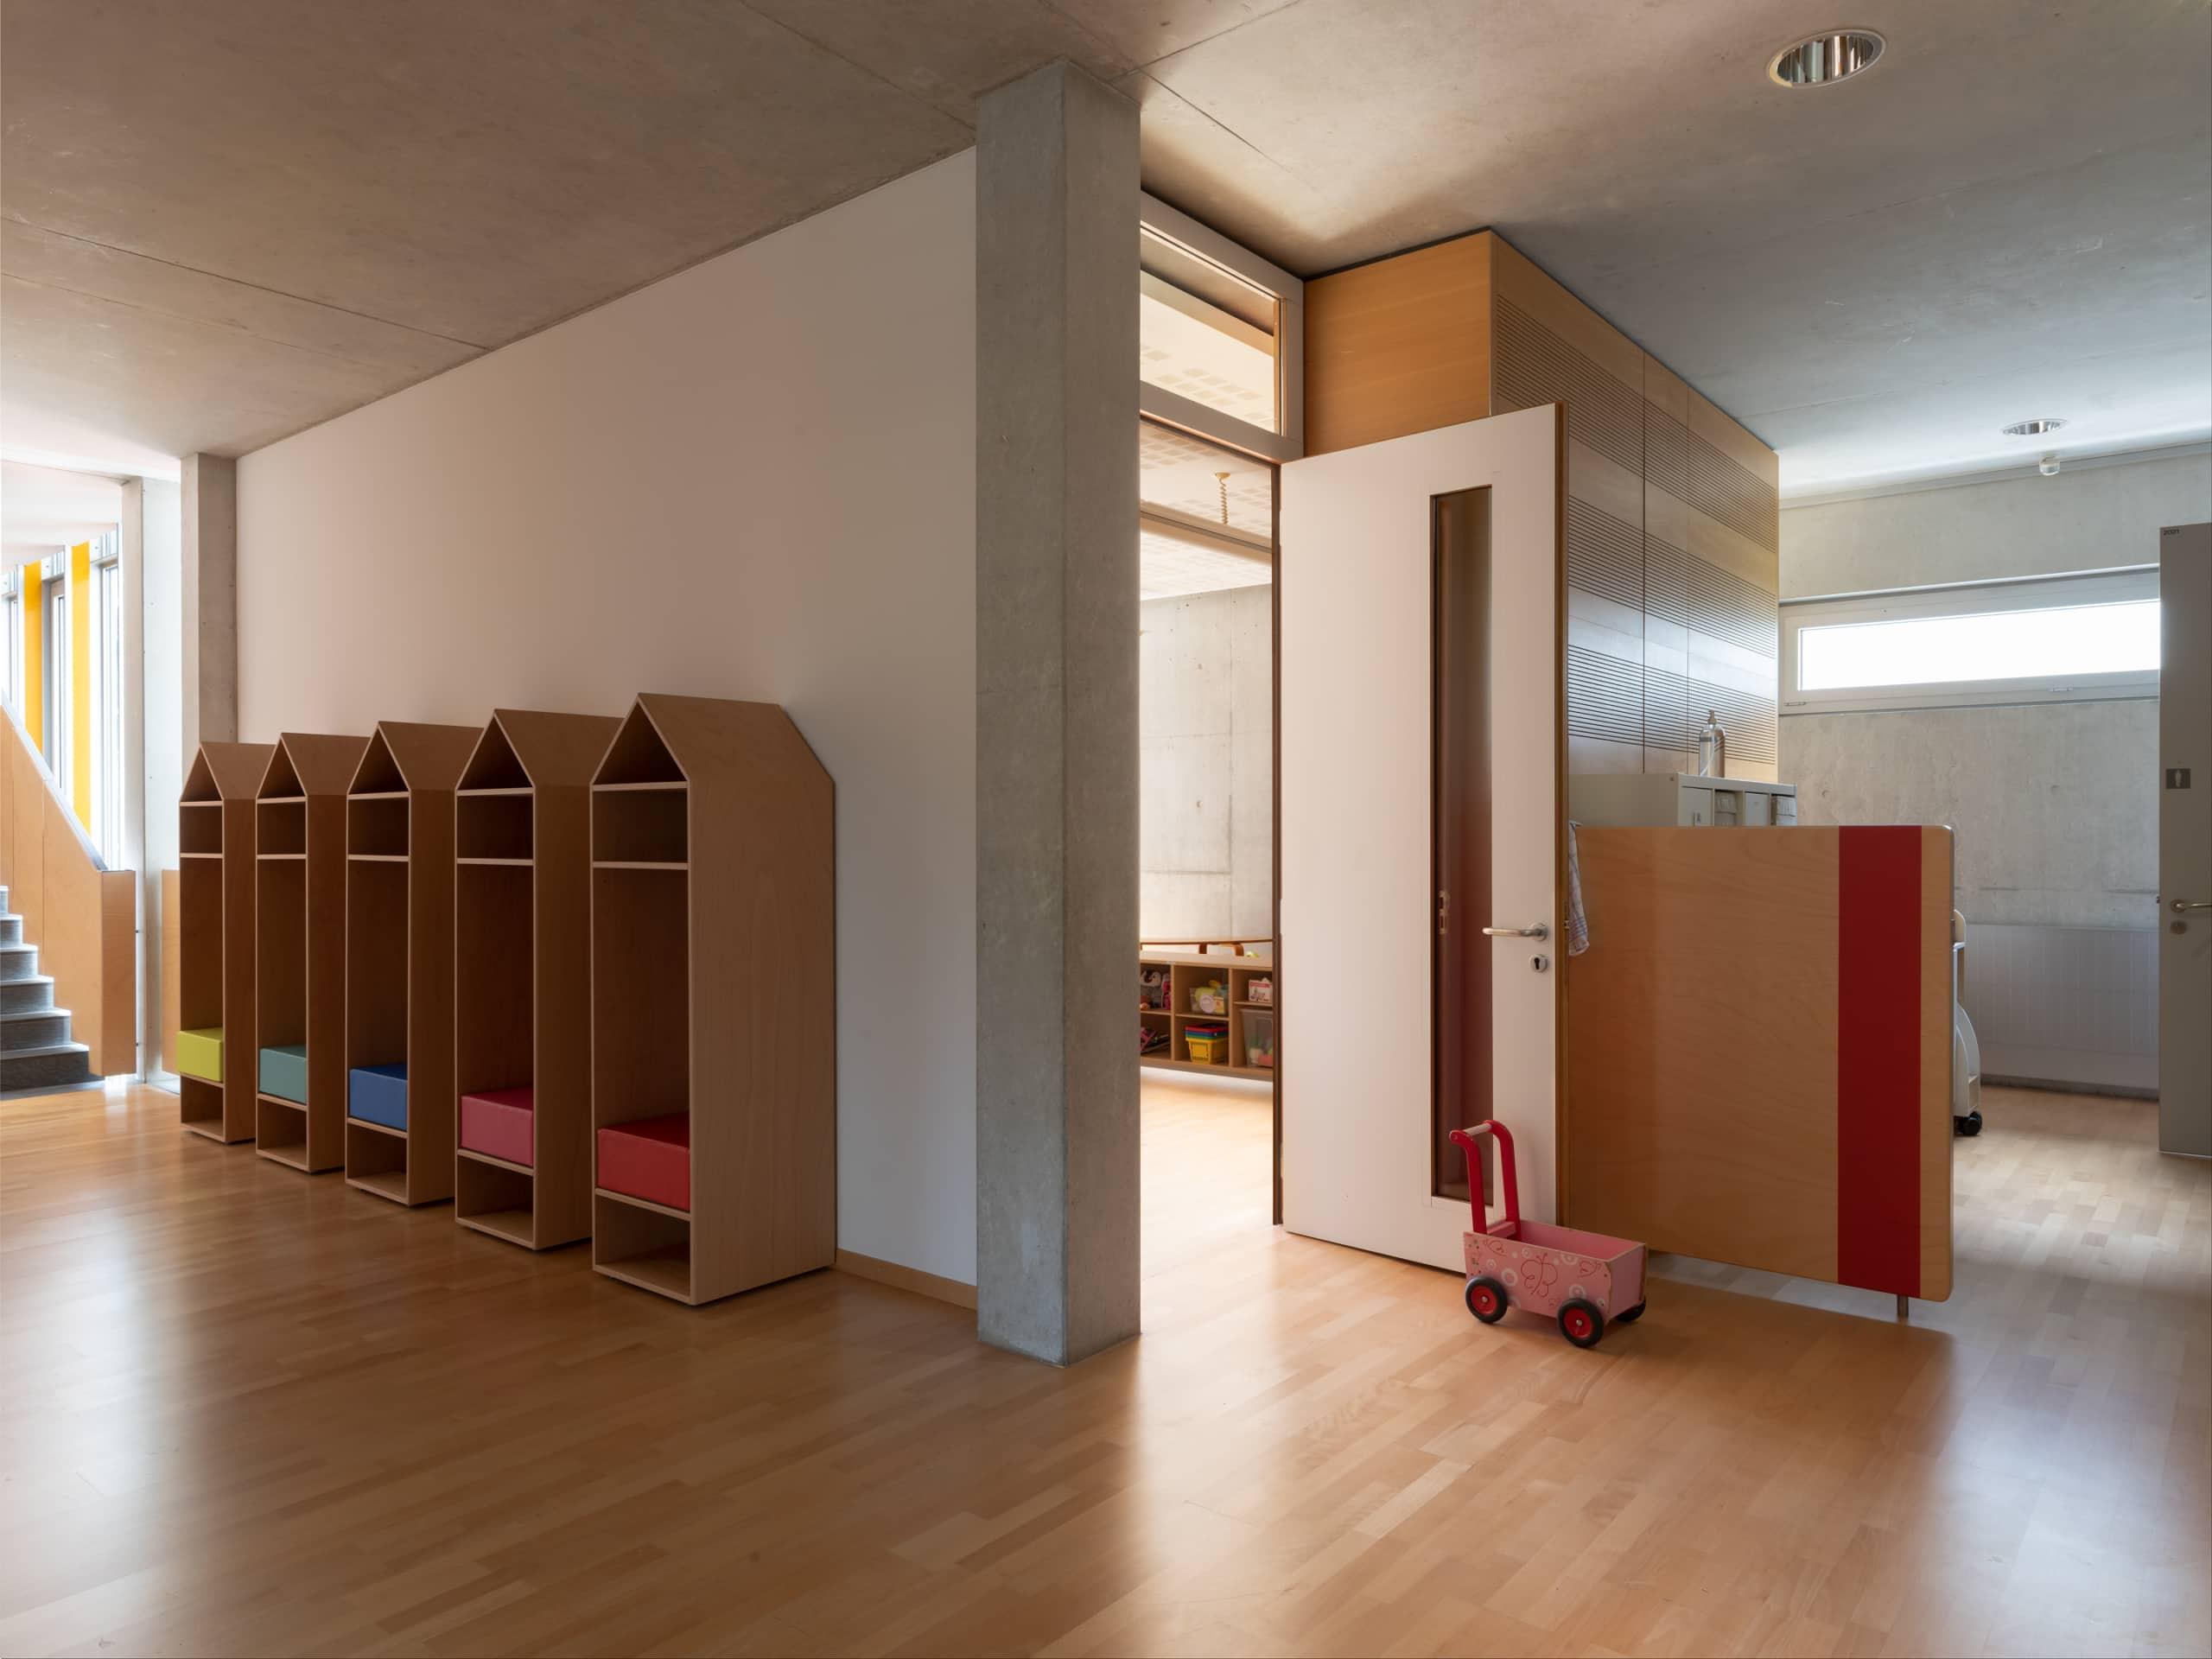 couloir dans une crèche d'enfants